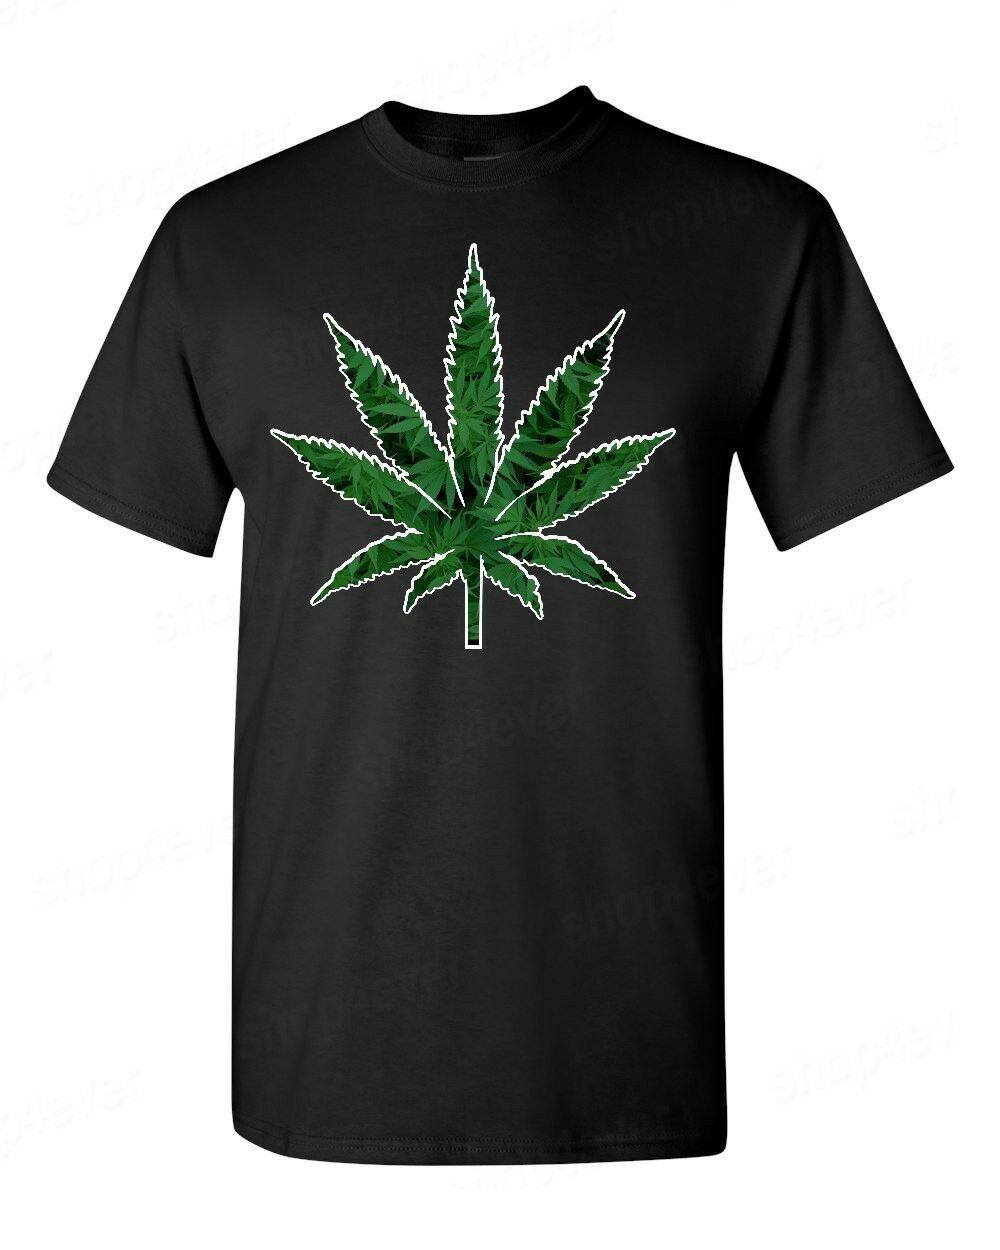 Marijuana Weed Leaf T-Shirt Cannabis Kush Stoner Bob Marley 420 Fun Tees 1